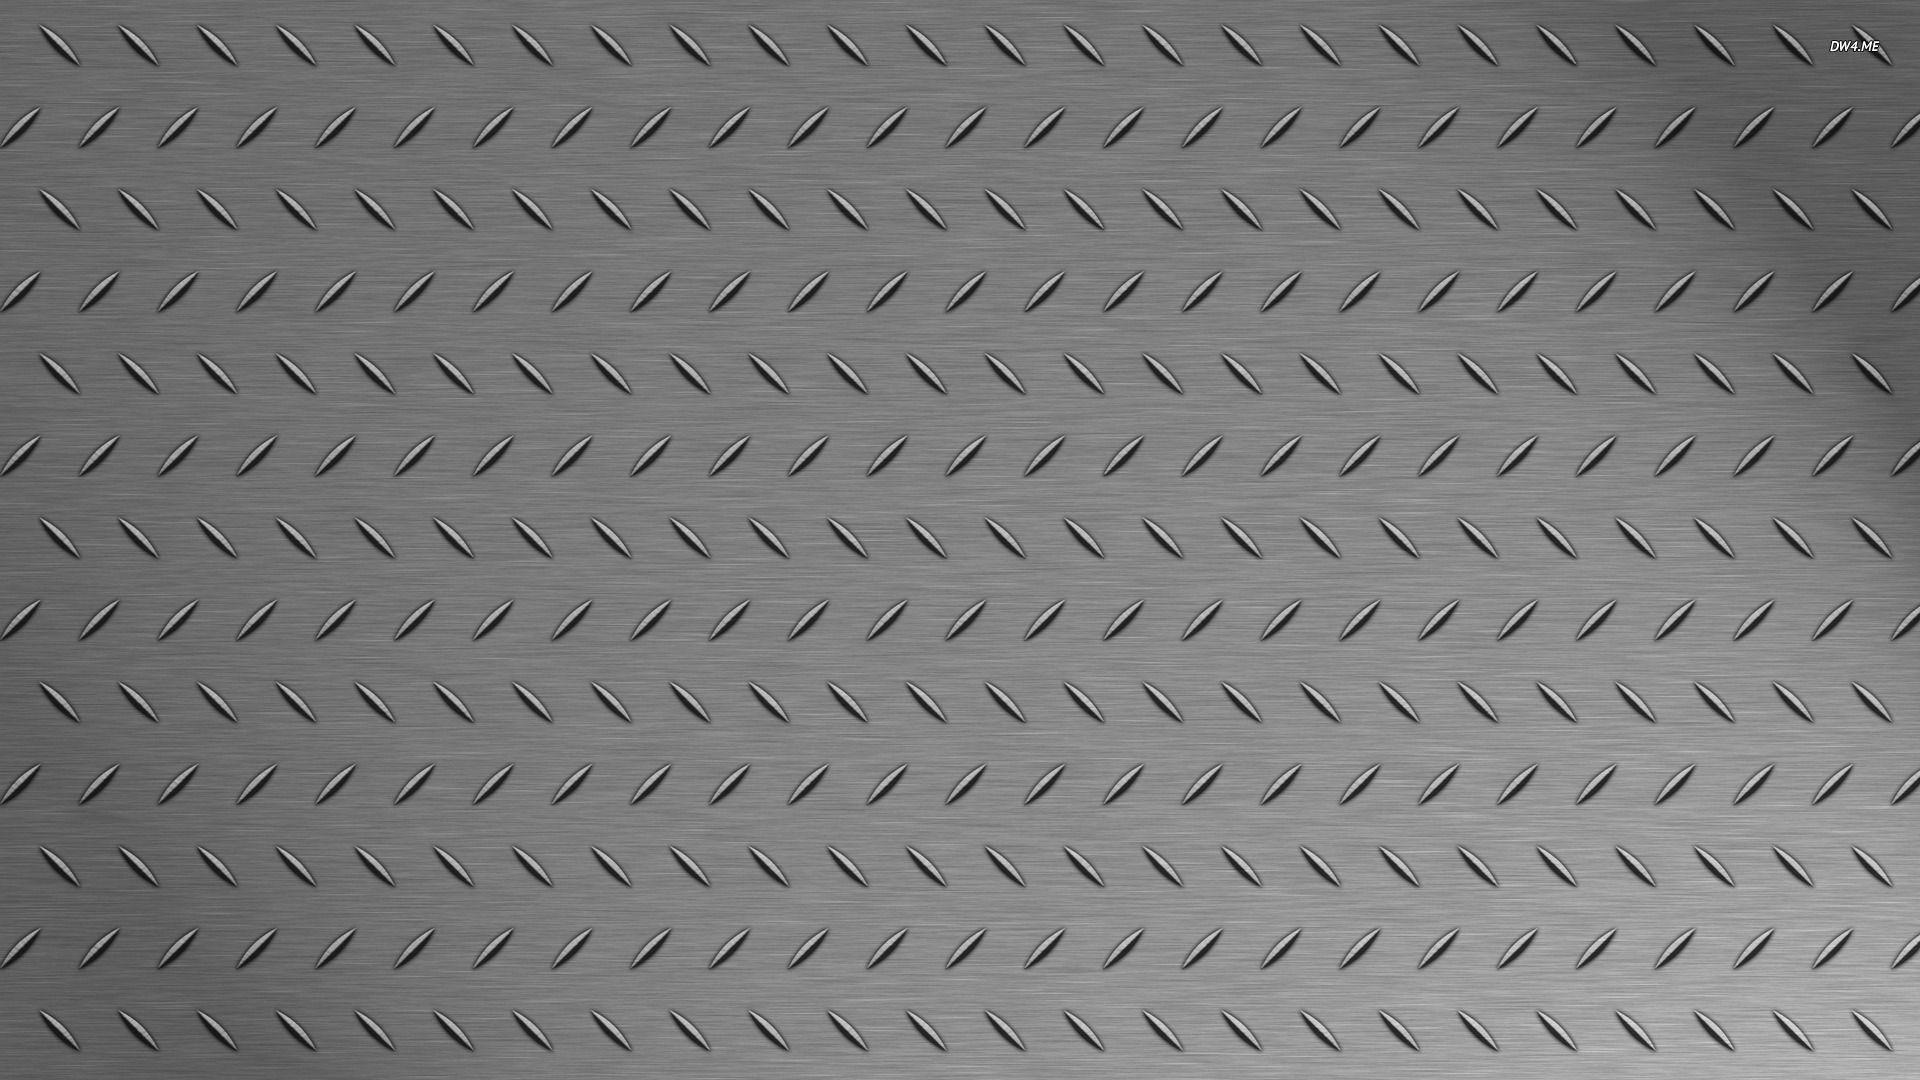 Stainless Steel Full HD Wallpaper